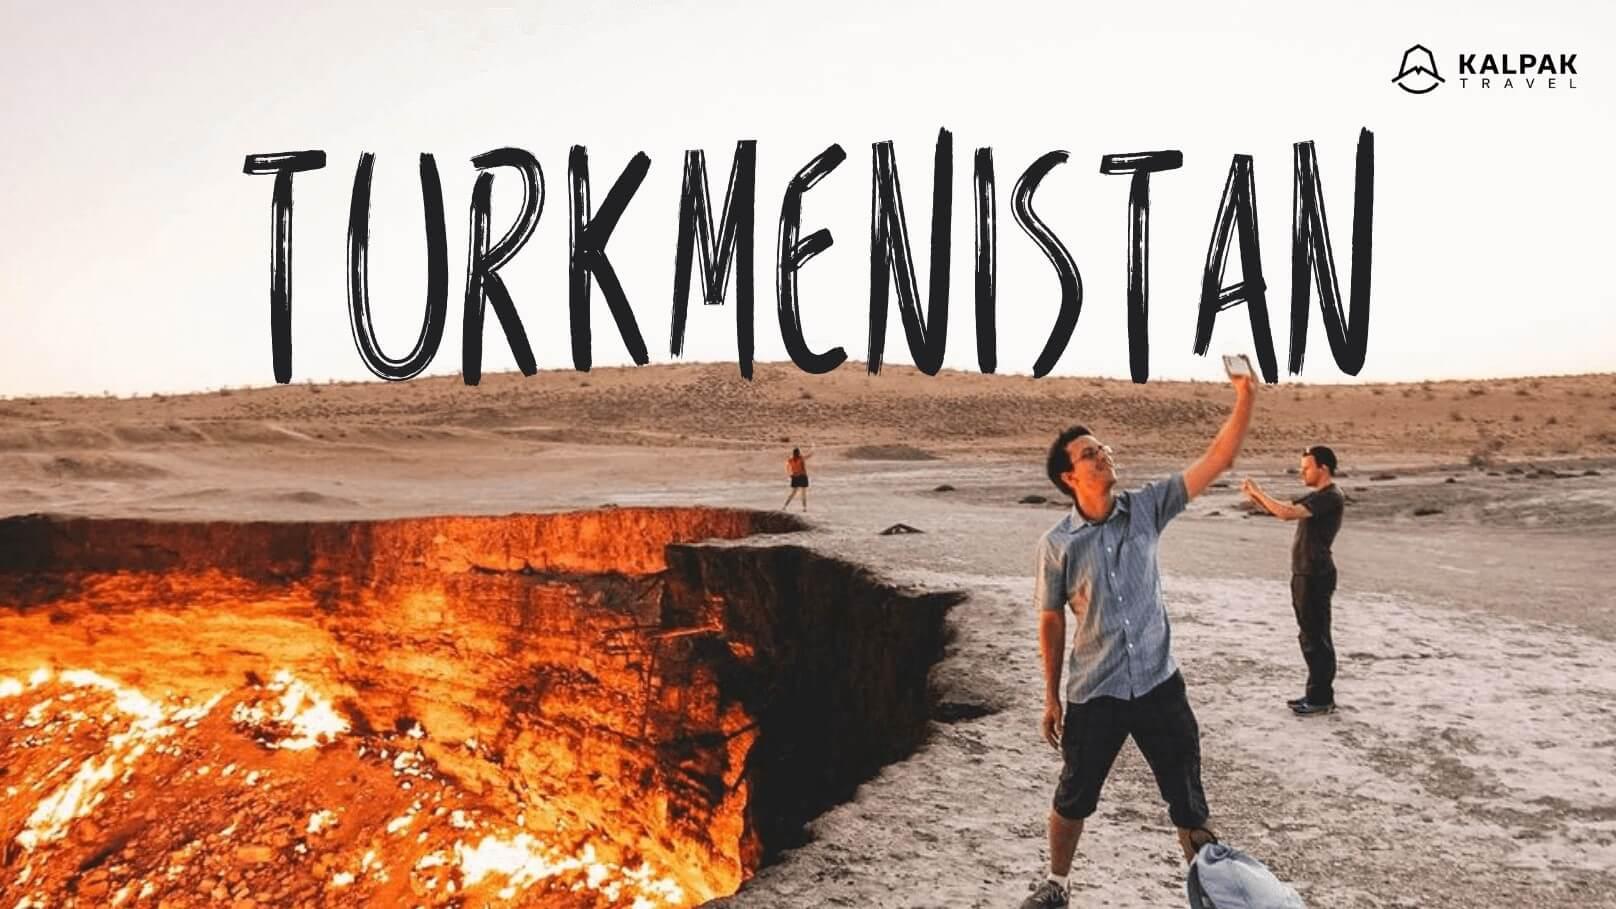 Turkmenistan top places to visit